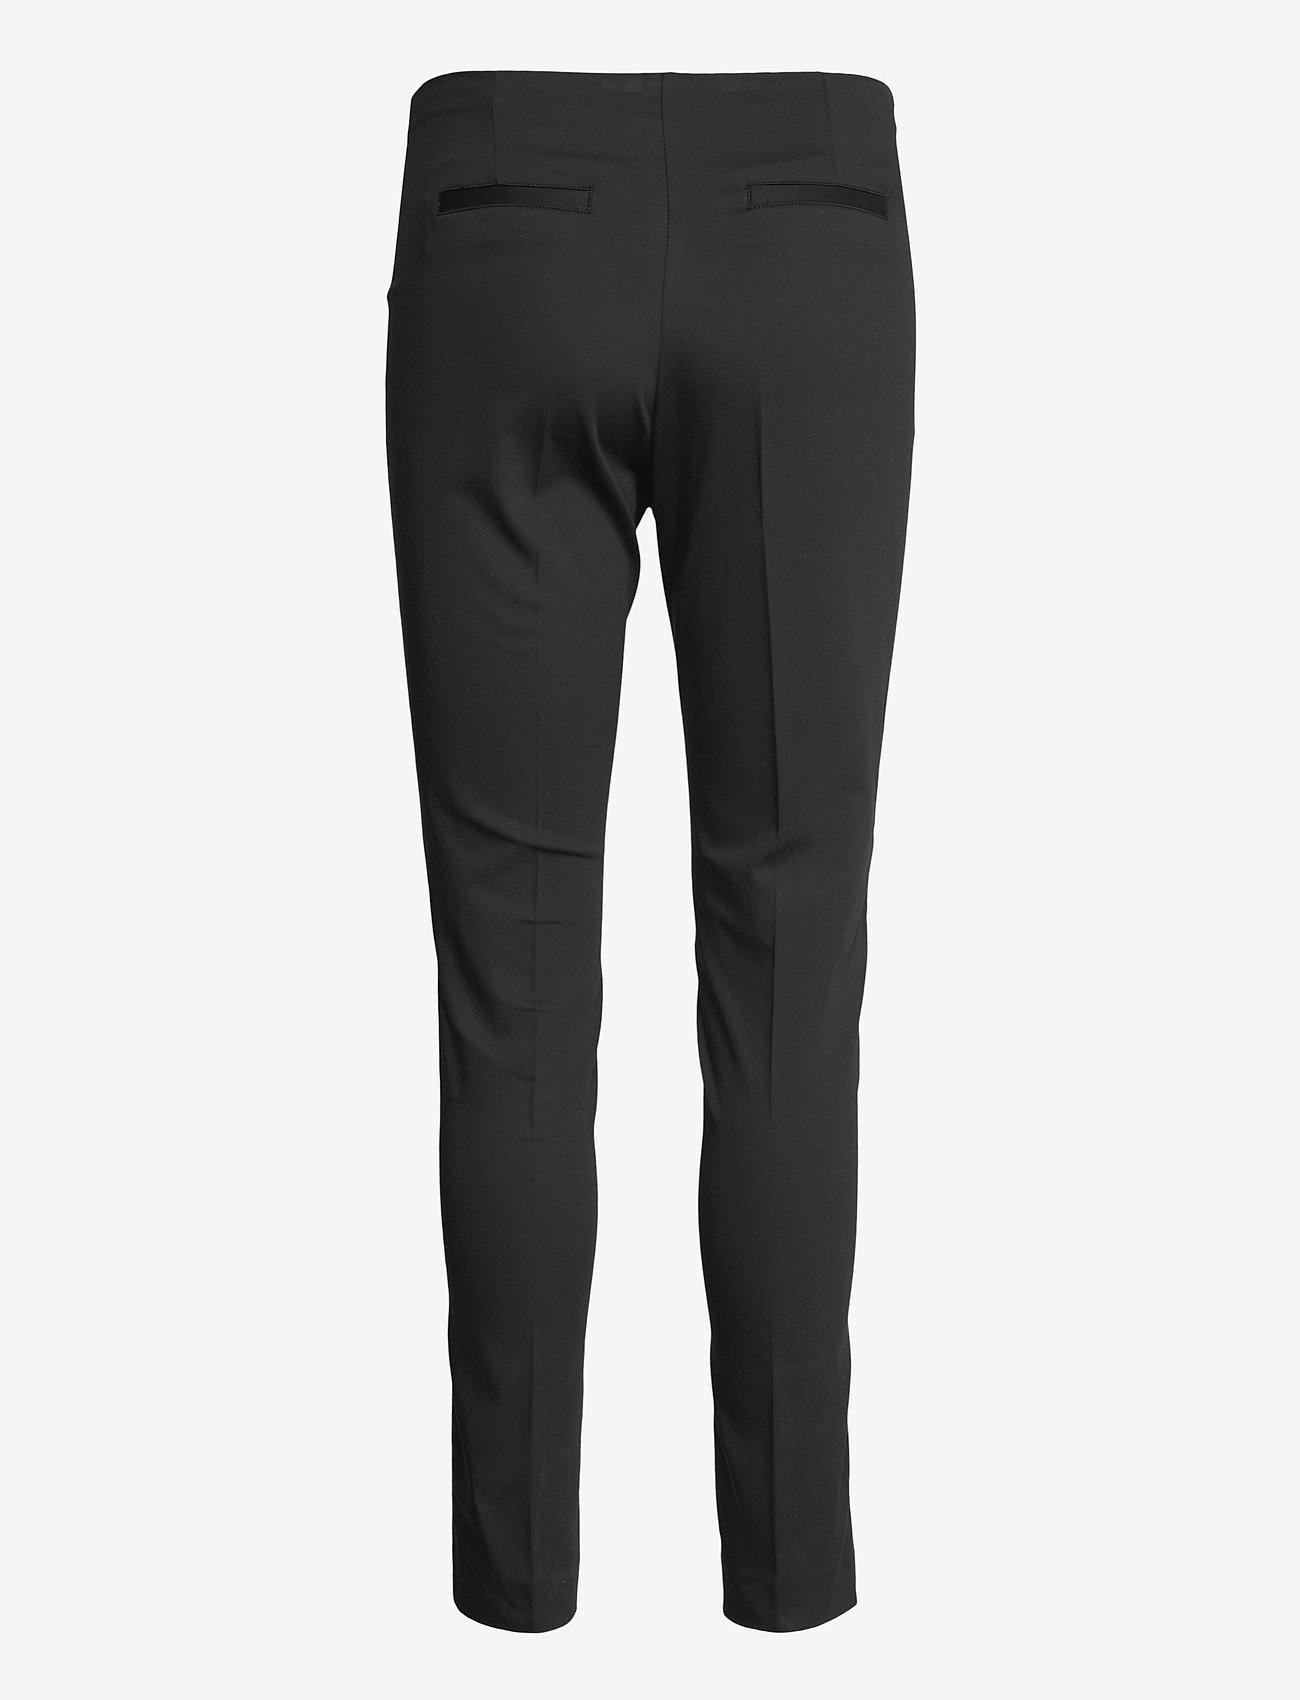 SAND - Suede Touch WF - Arella - slim fit broeken - black - 1